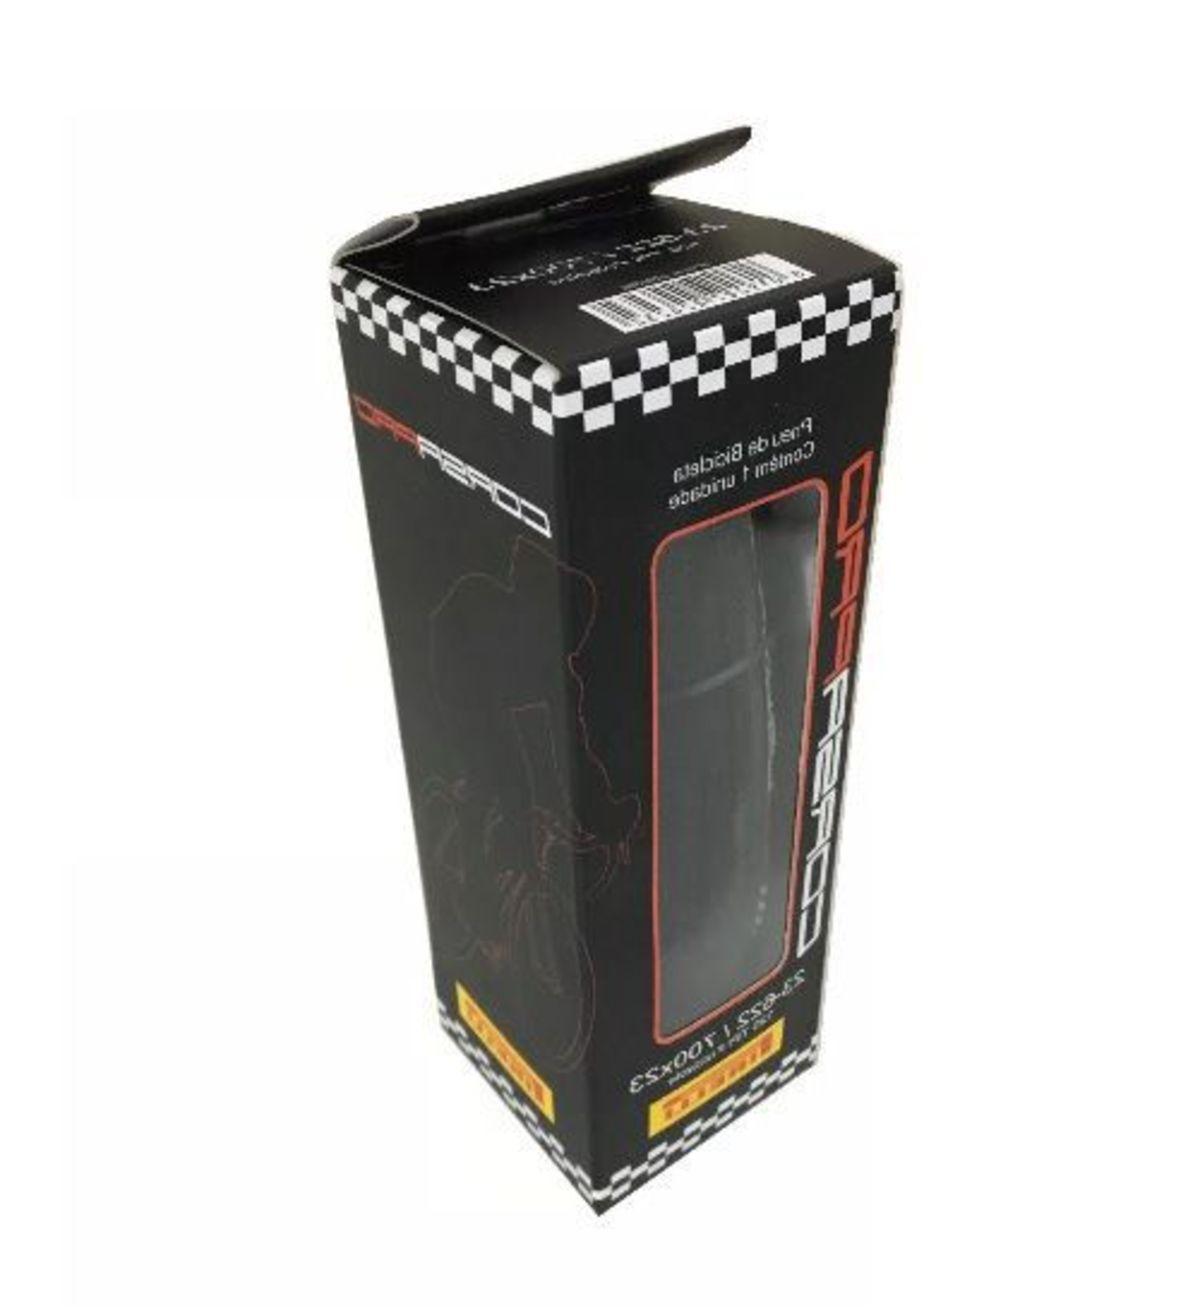 Pneu Bike 700x23 Pirelli Corsa Pro Speed Kevlar Pro 120 Tpi